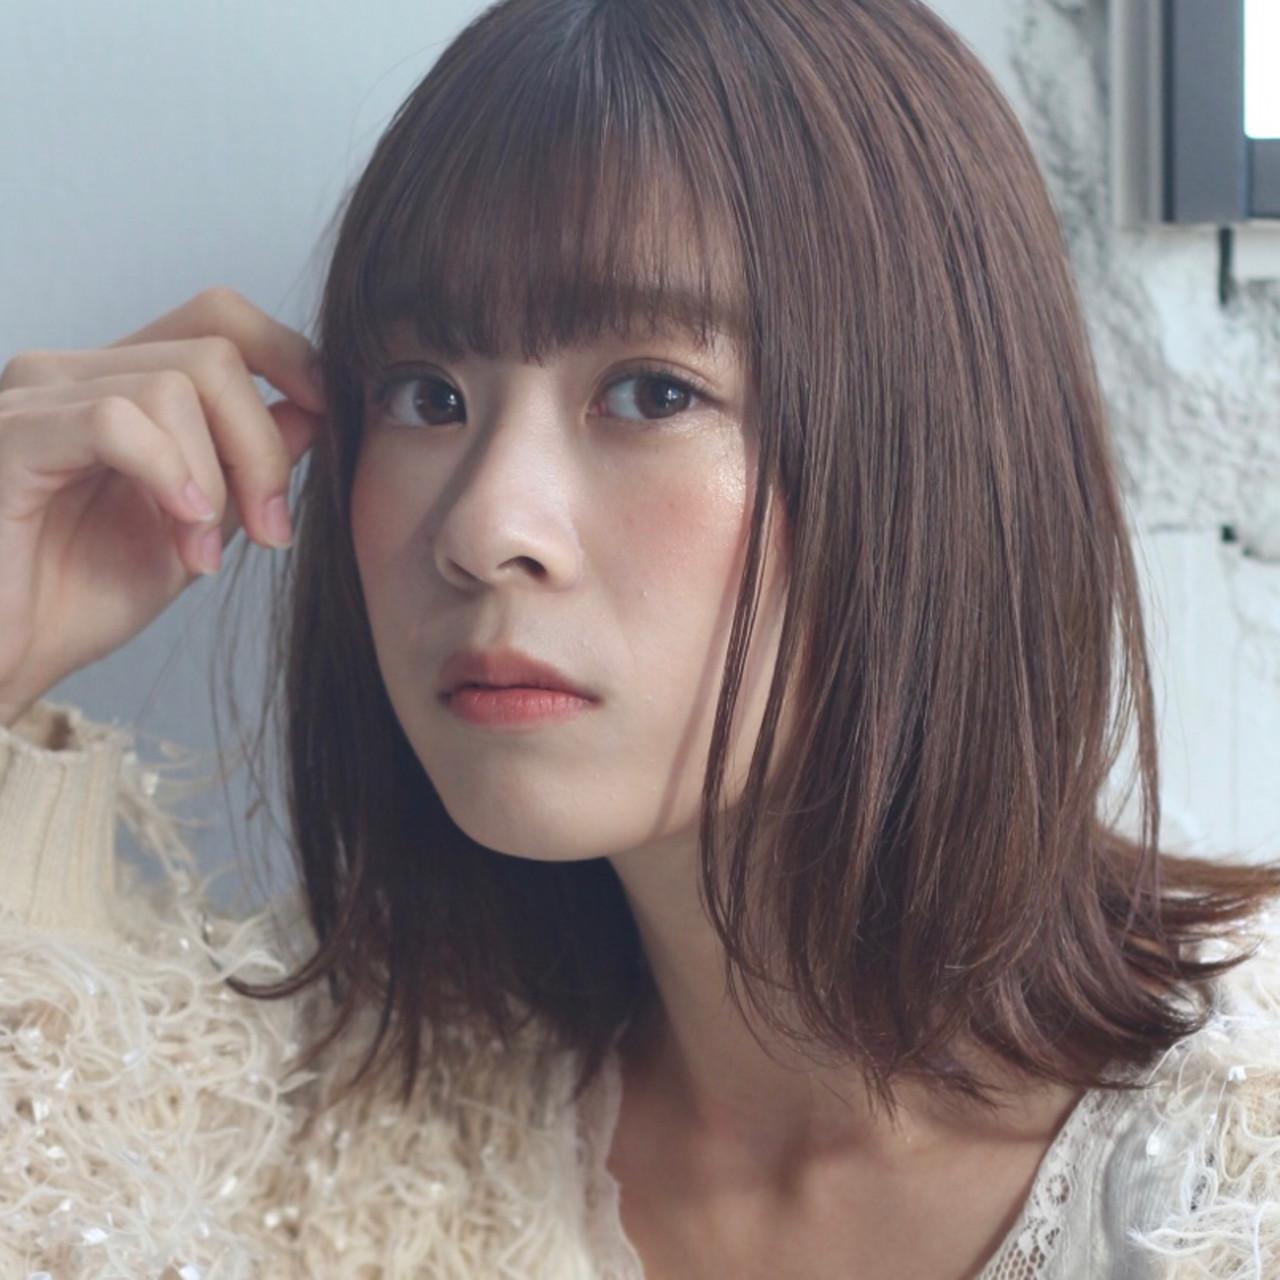 アンニュイほつれヘア ヘアアレンジ ミディアム ナチュラル ヘアスタイルや髪型の写真・画像